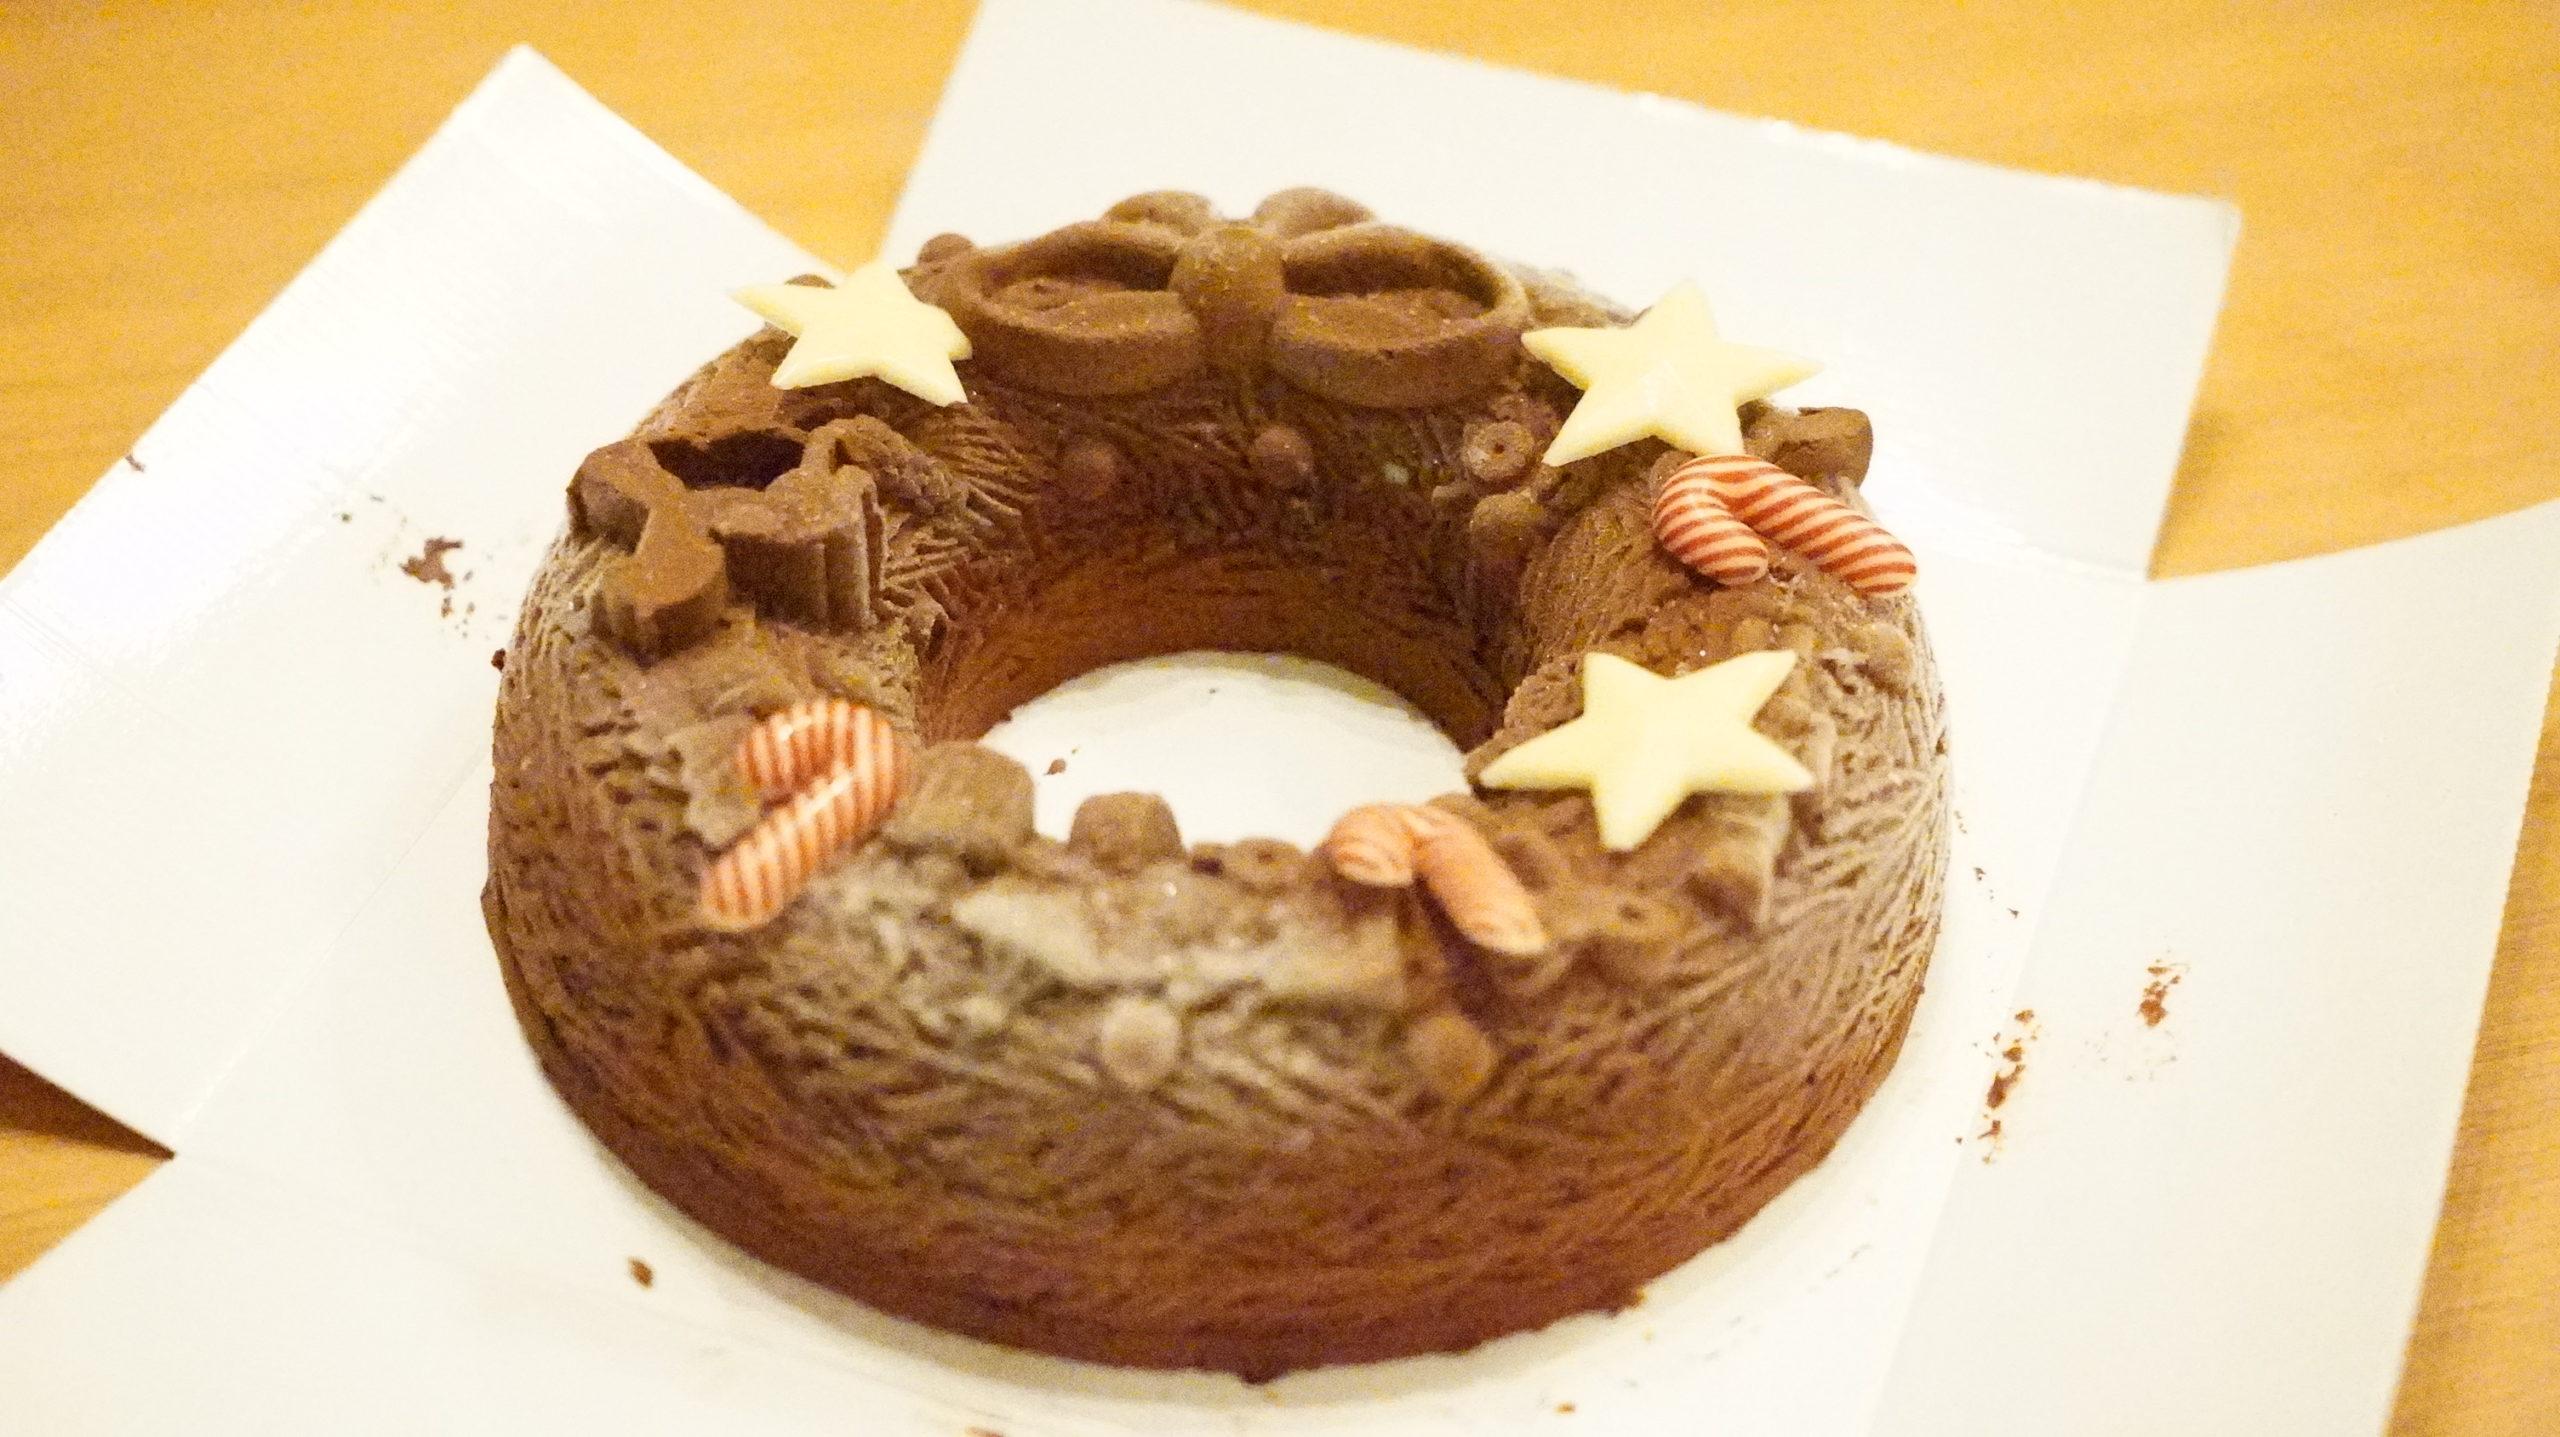 ピカールの冷凍食品「クリスマスリース」をデコレーションした写真